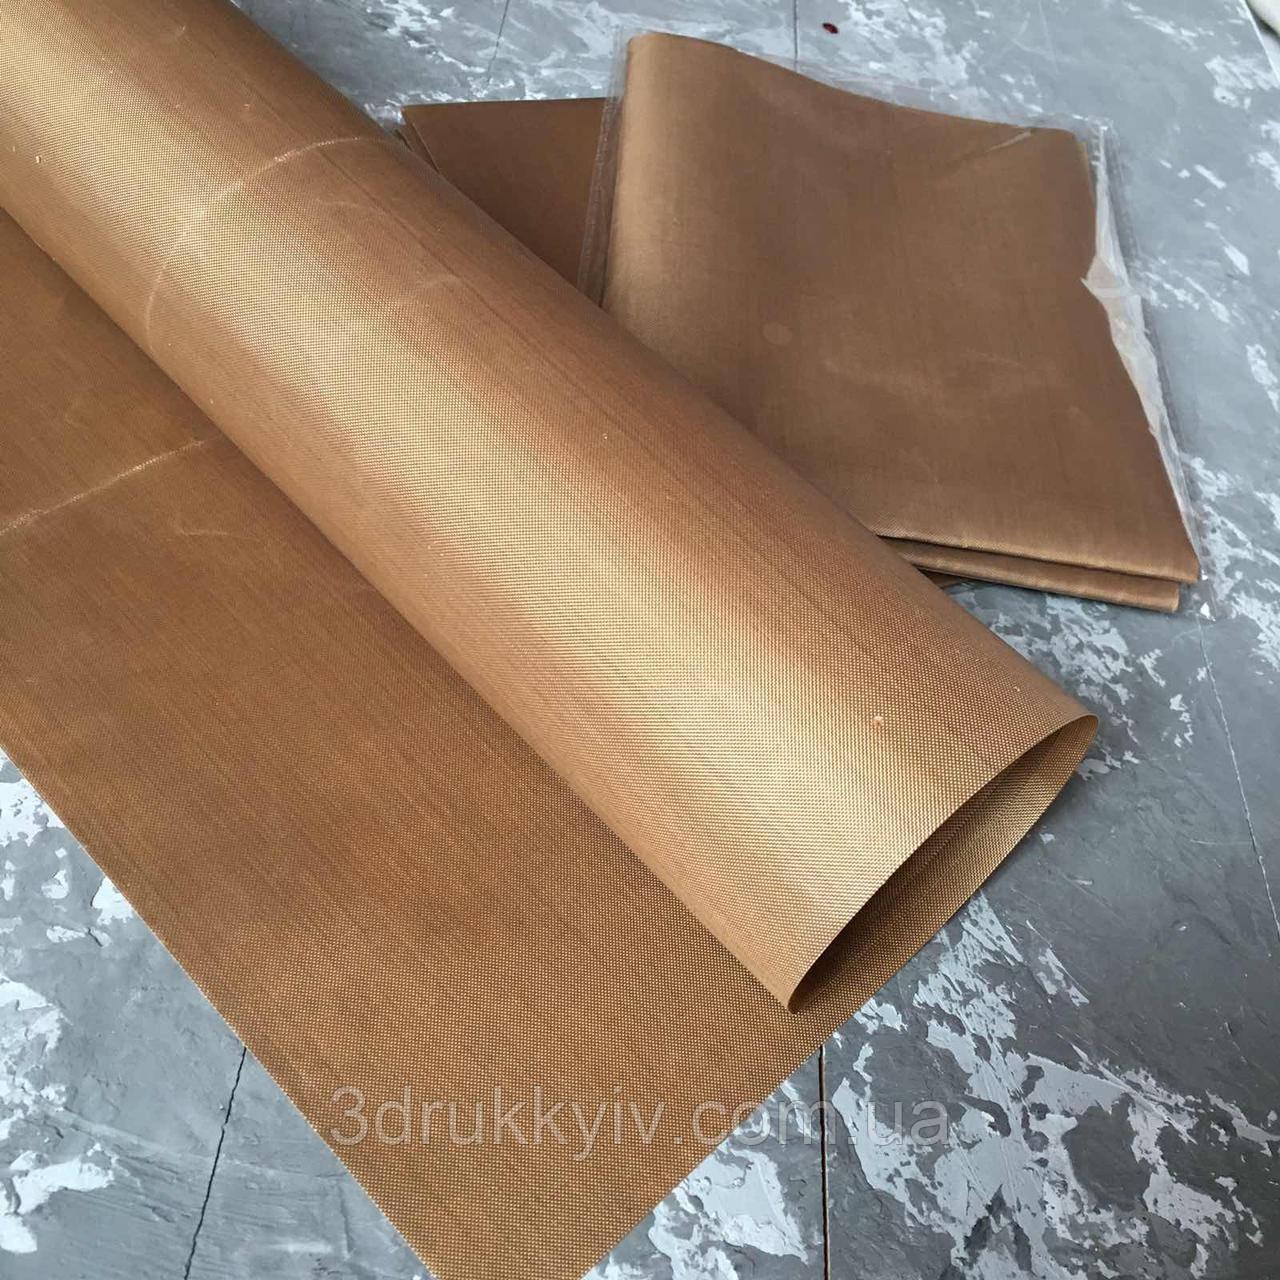 Тефлоновий антипригарний коврик для випікання 30х40 / Тефлоновый антипригарный коврик для выпекания